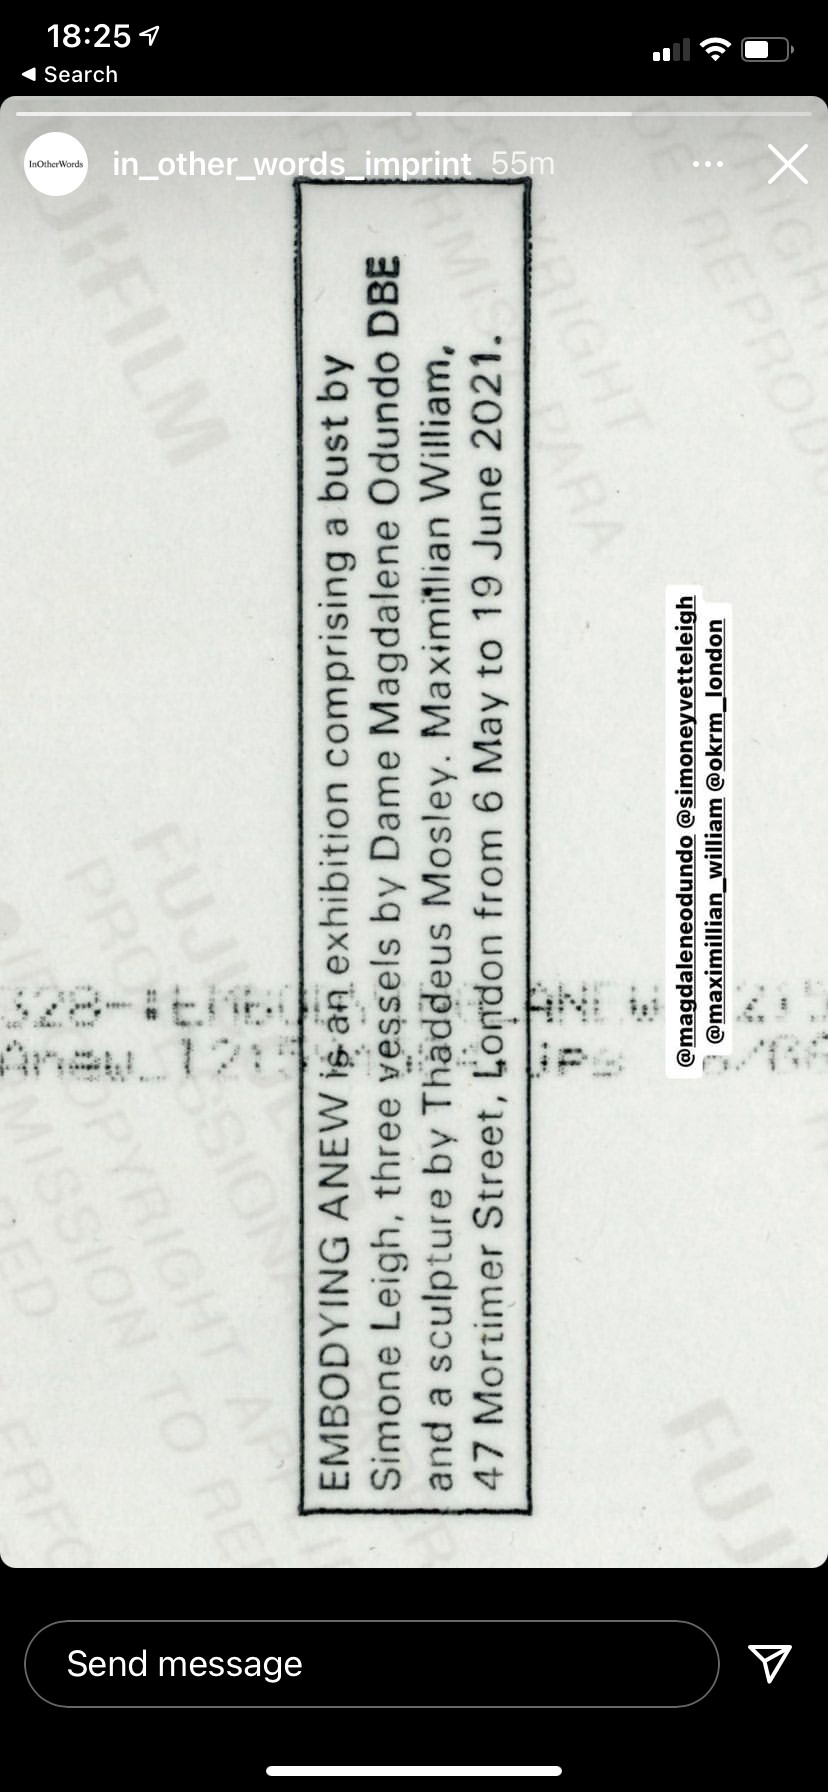 0de5169a-37bc-493a-a891-d9408b7c6dbd.png